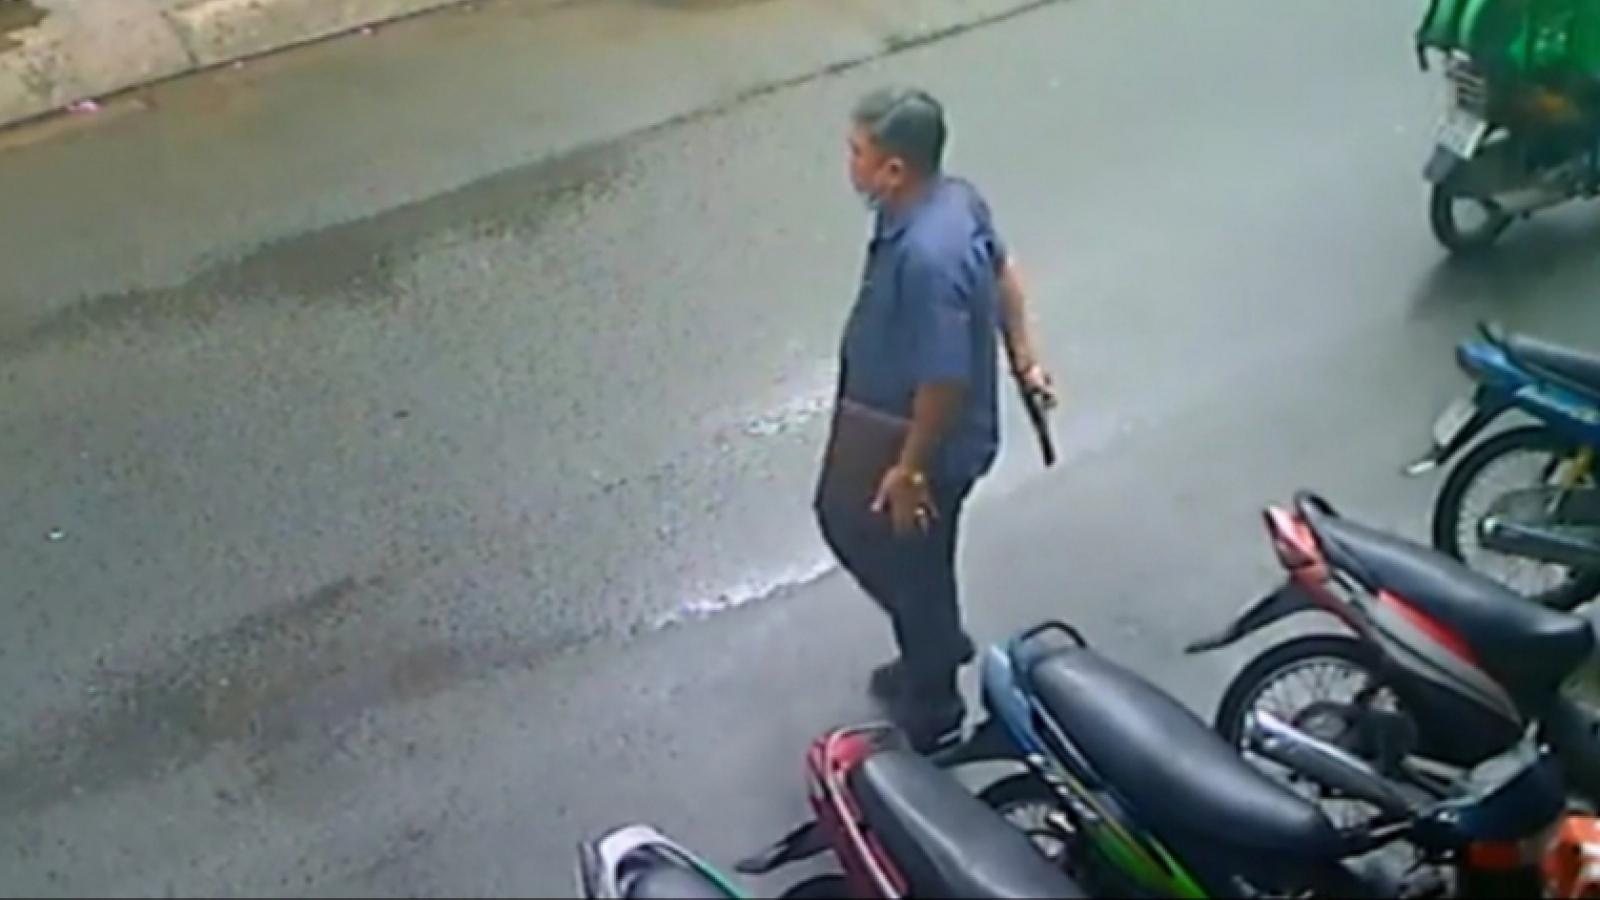 TPHCM: Người đàn ông rút súng thị uy trong khu dân cư, điều tra nguồn gốc khẩu súng